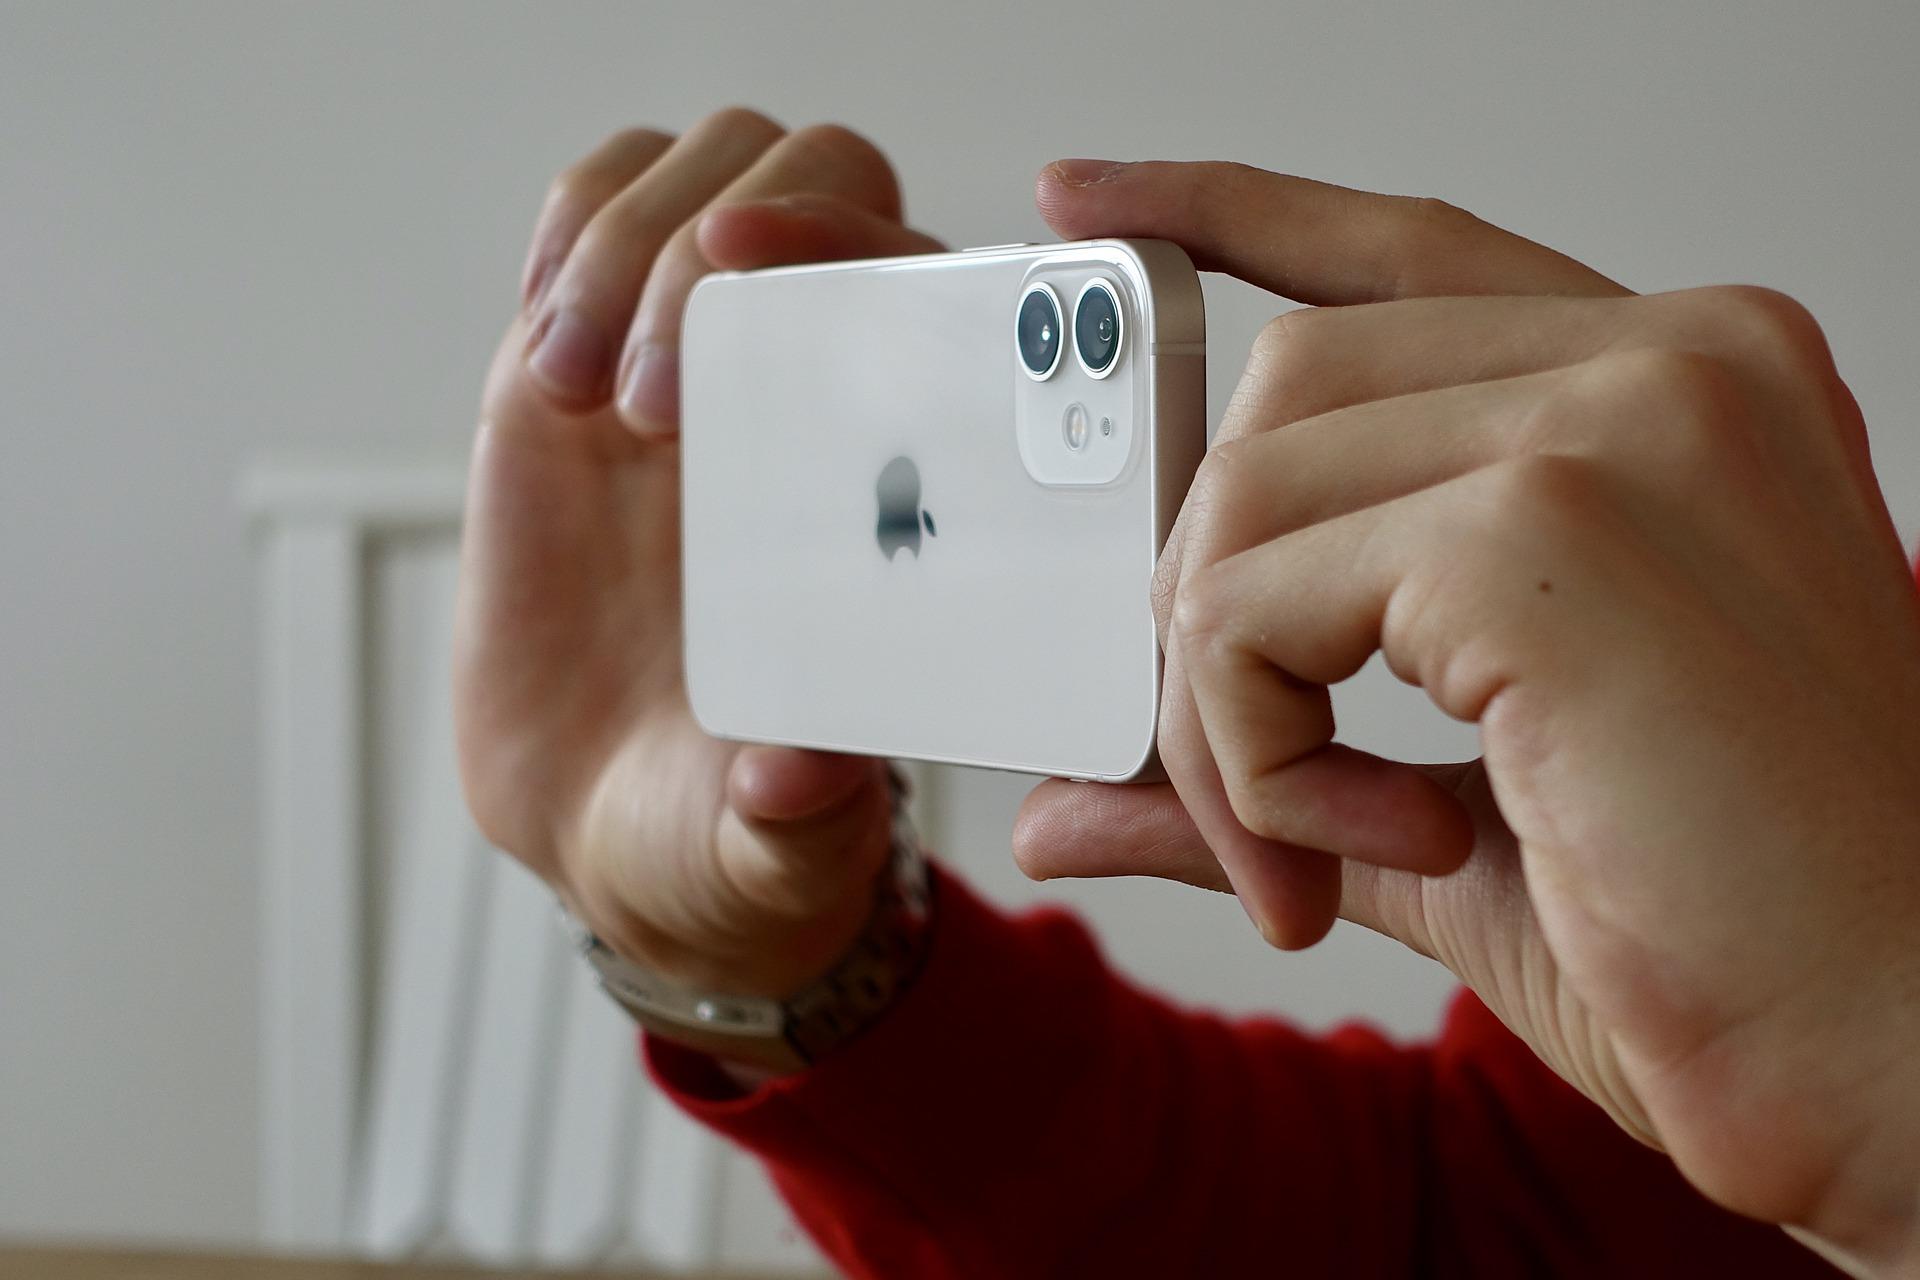 Destaque de mão tirando foto com celular.